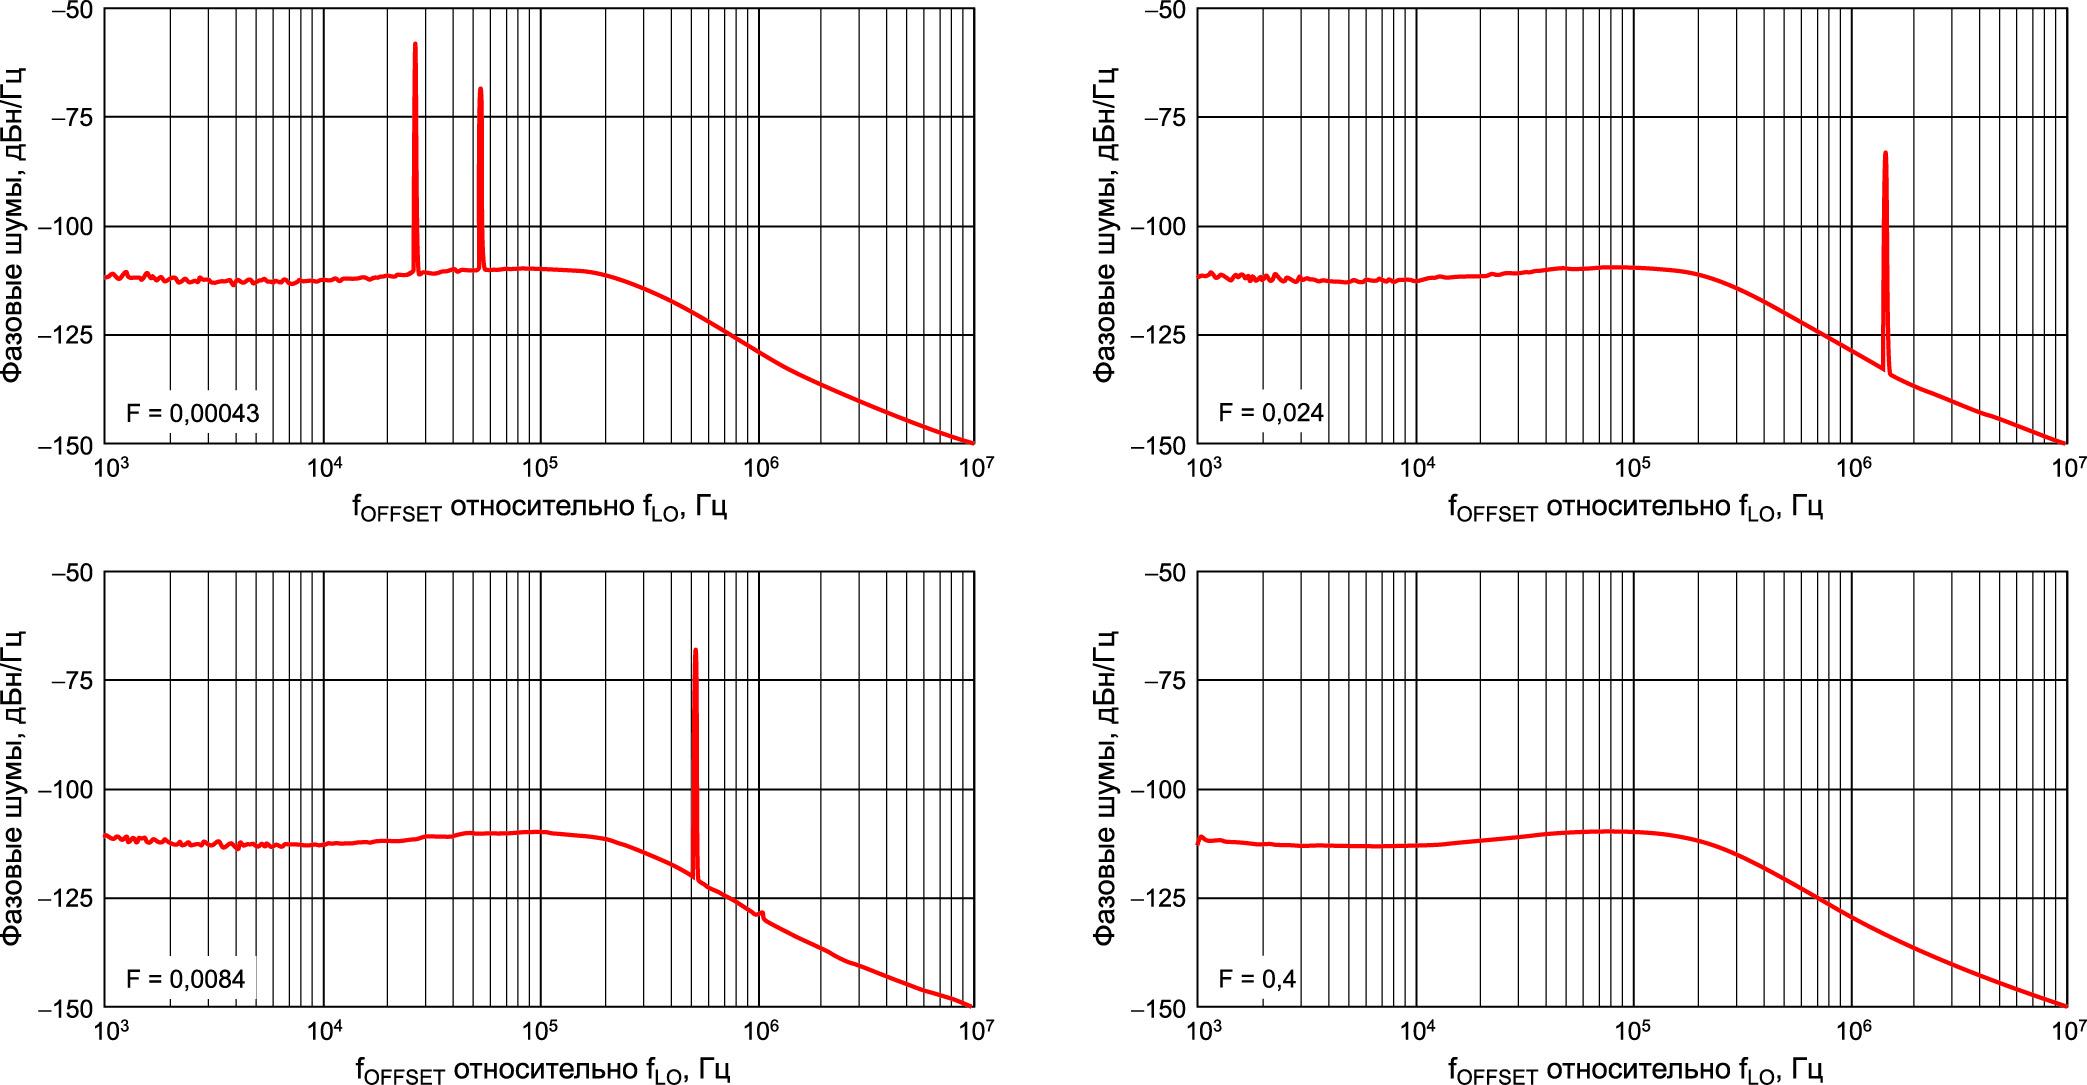 Граничные уровни целочисленных помех в выходном сигнале LTC6948 для условий установки значения F в диапазоне от fLO = 2,365 ГГц (F = 0,00043) до fLO = 2,378 ГГц (F = 0,4)